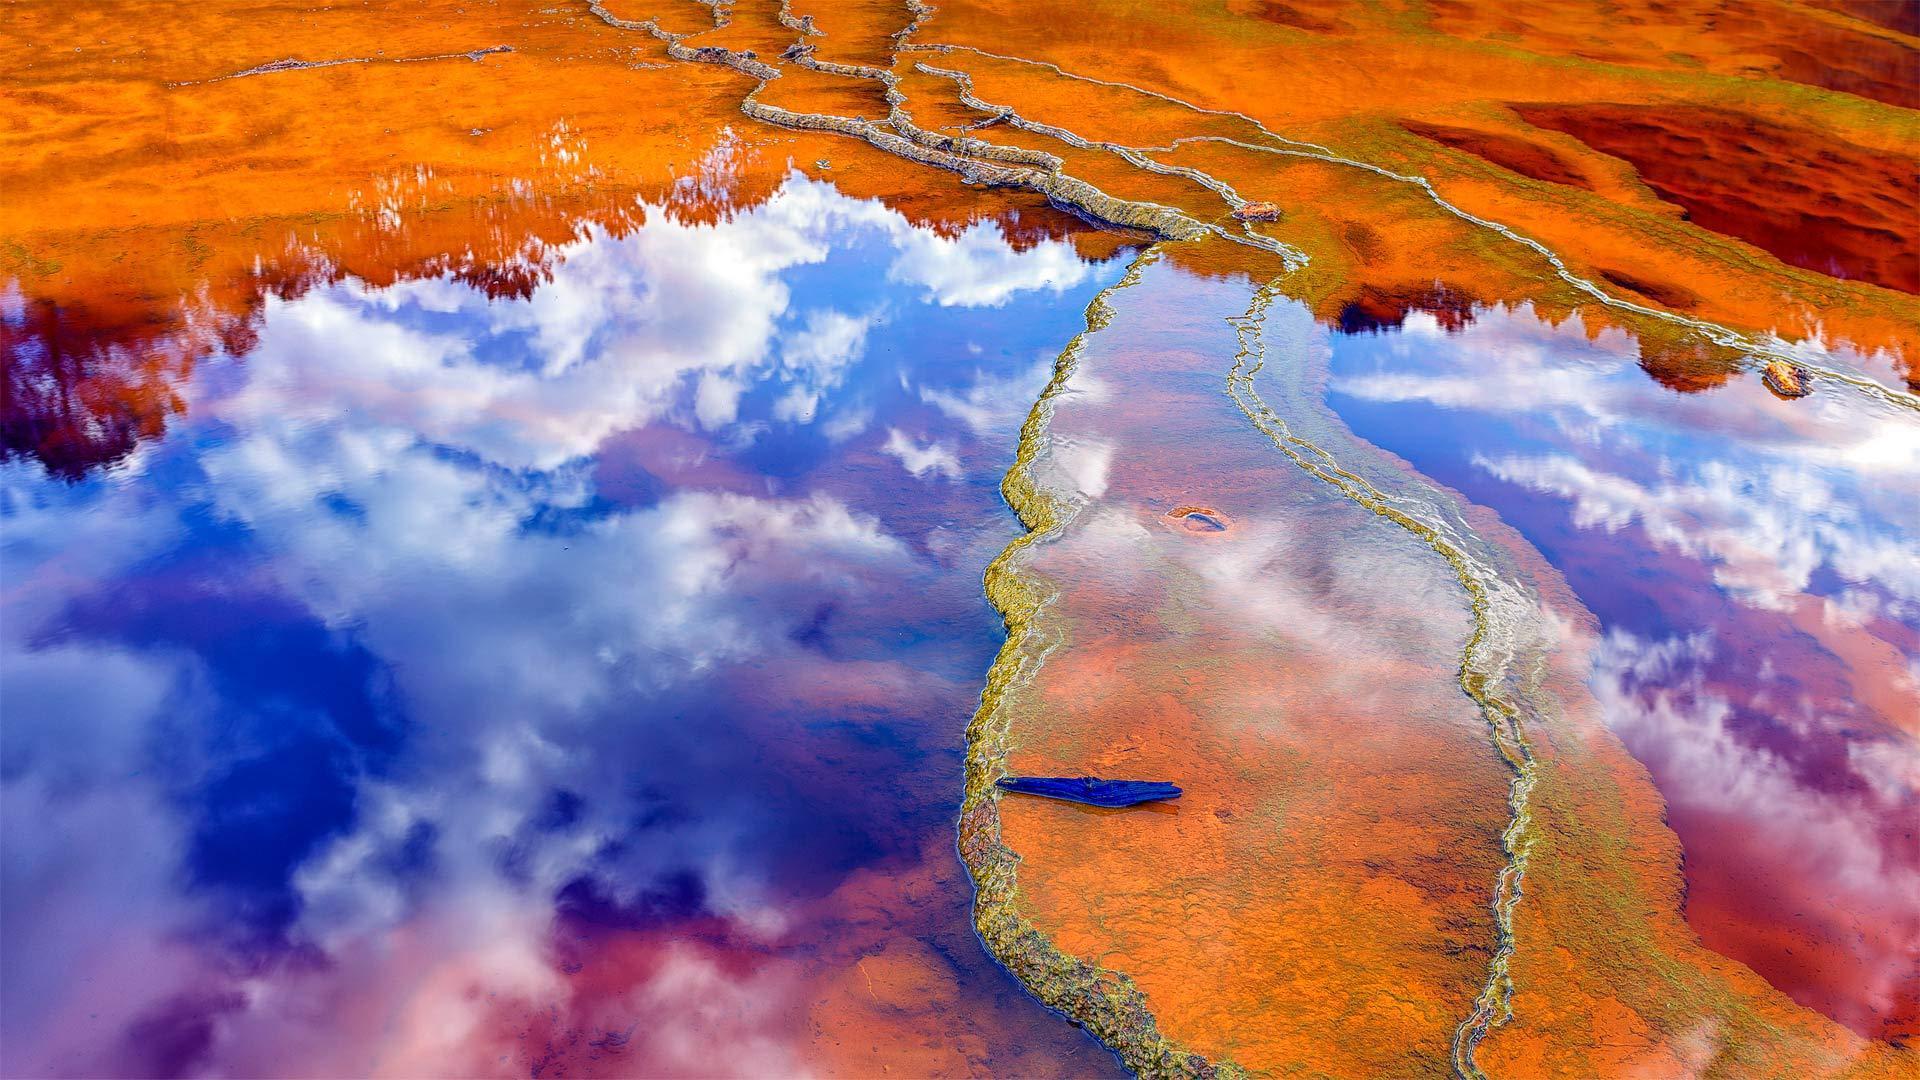 力拓河中含矿物质的水力拓河